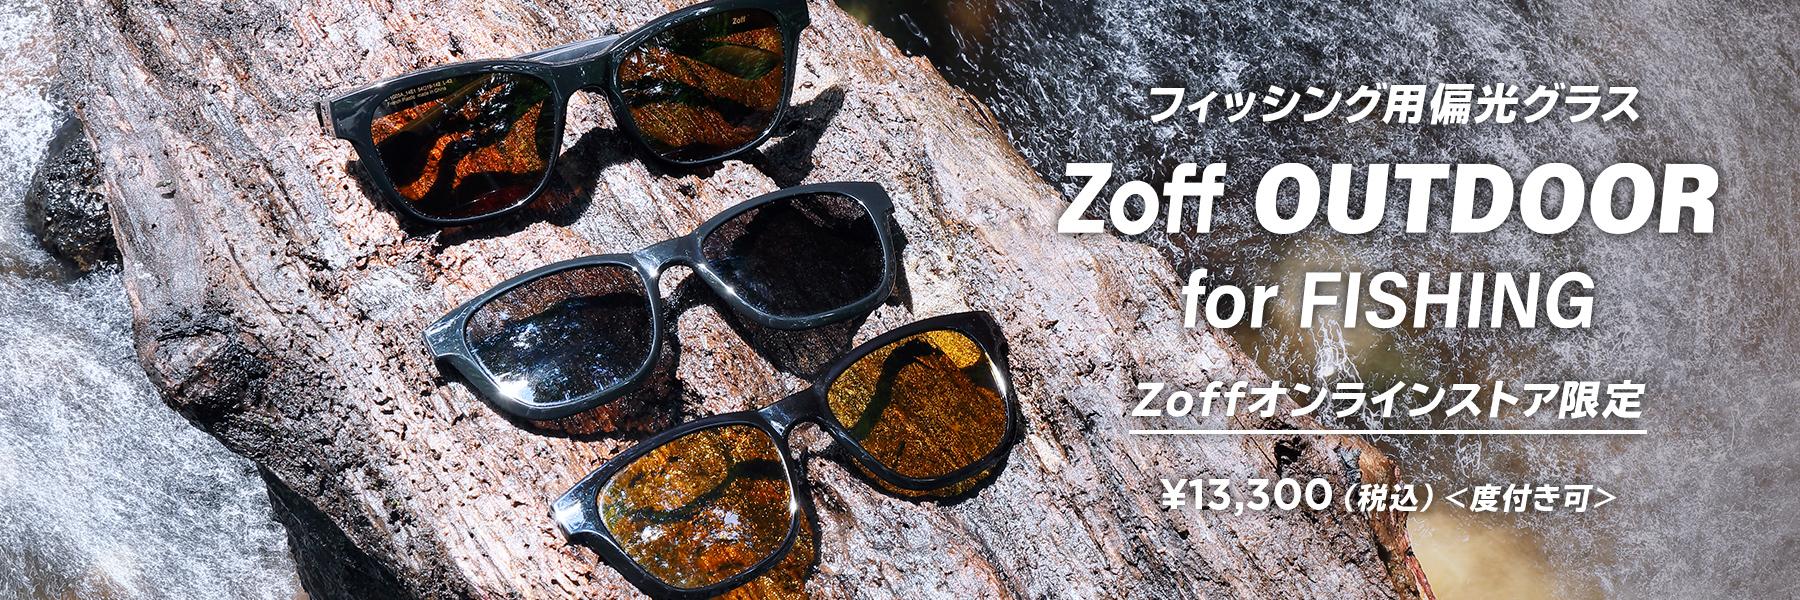 コロナ禍で空前の釣りブーム到来!水中の魚が見やすくなる、釣り専用偏光グラス「Zoff OUTDOOR for FISHING」が新発売